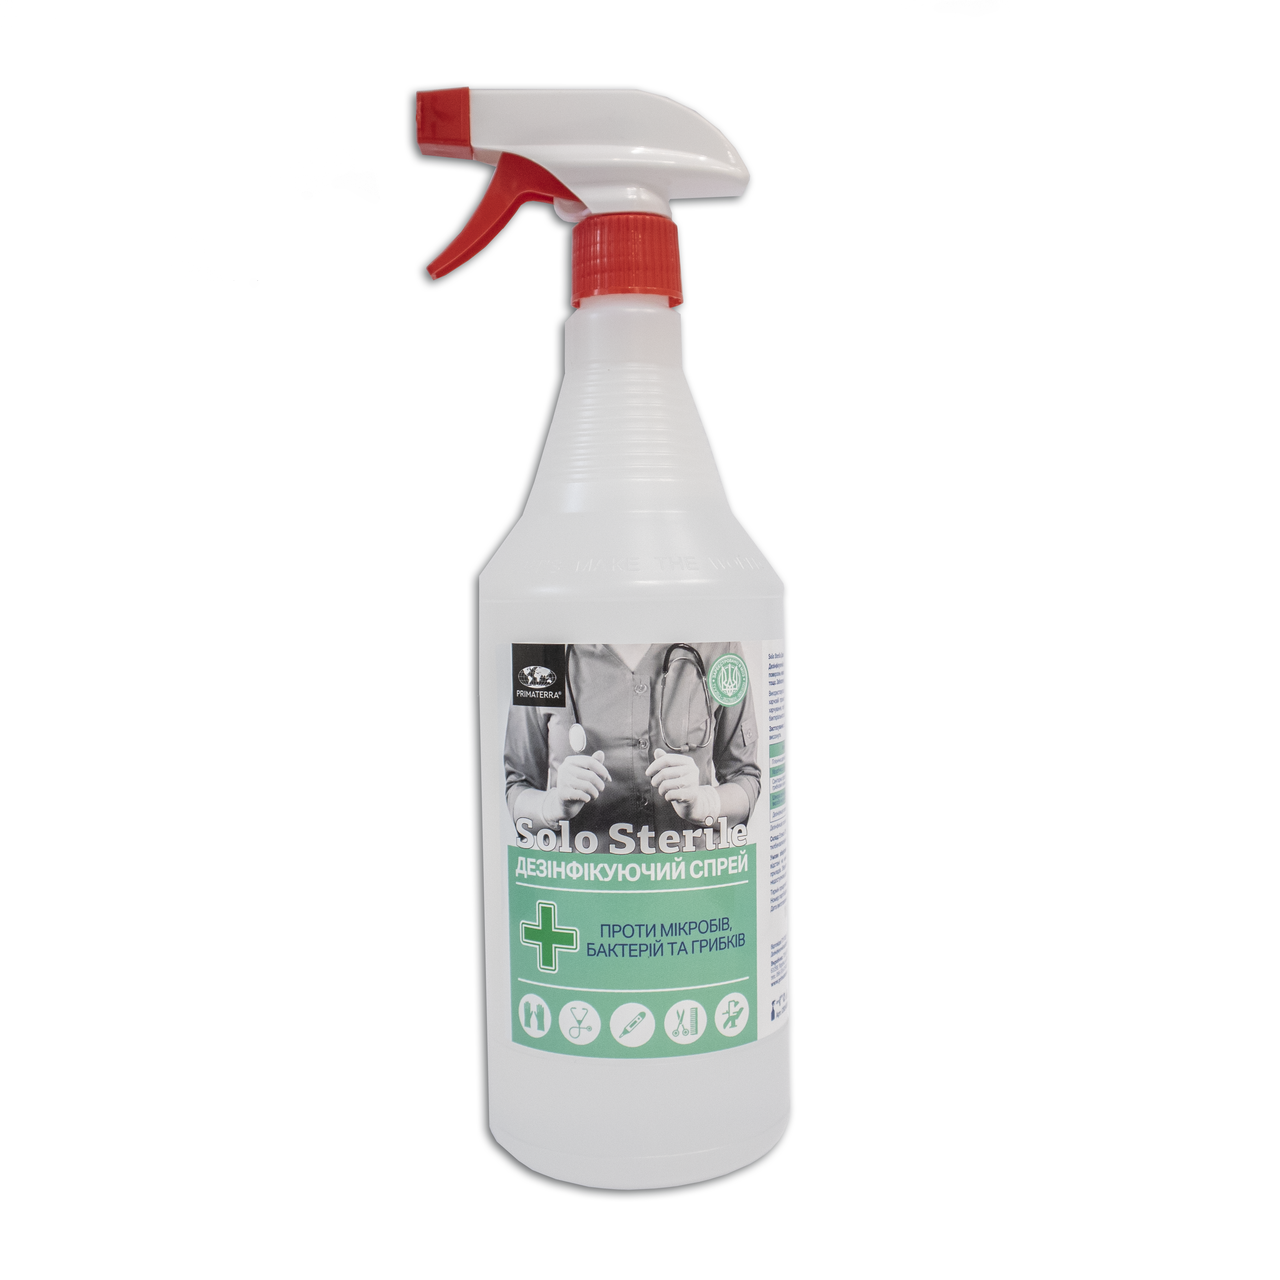 Дезінфікуючий засіб для поверхонь без аромату SOLO sterile (0,82 кг) з розпилювачем